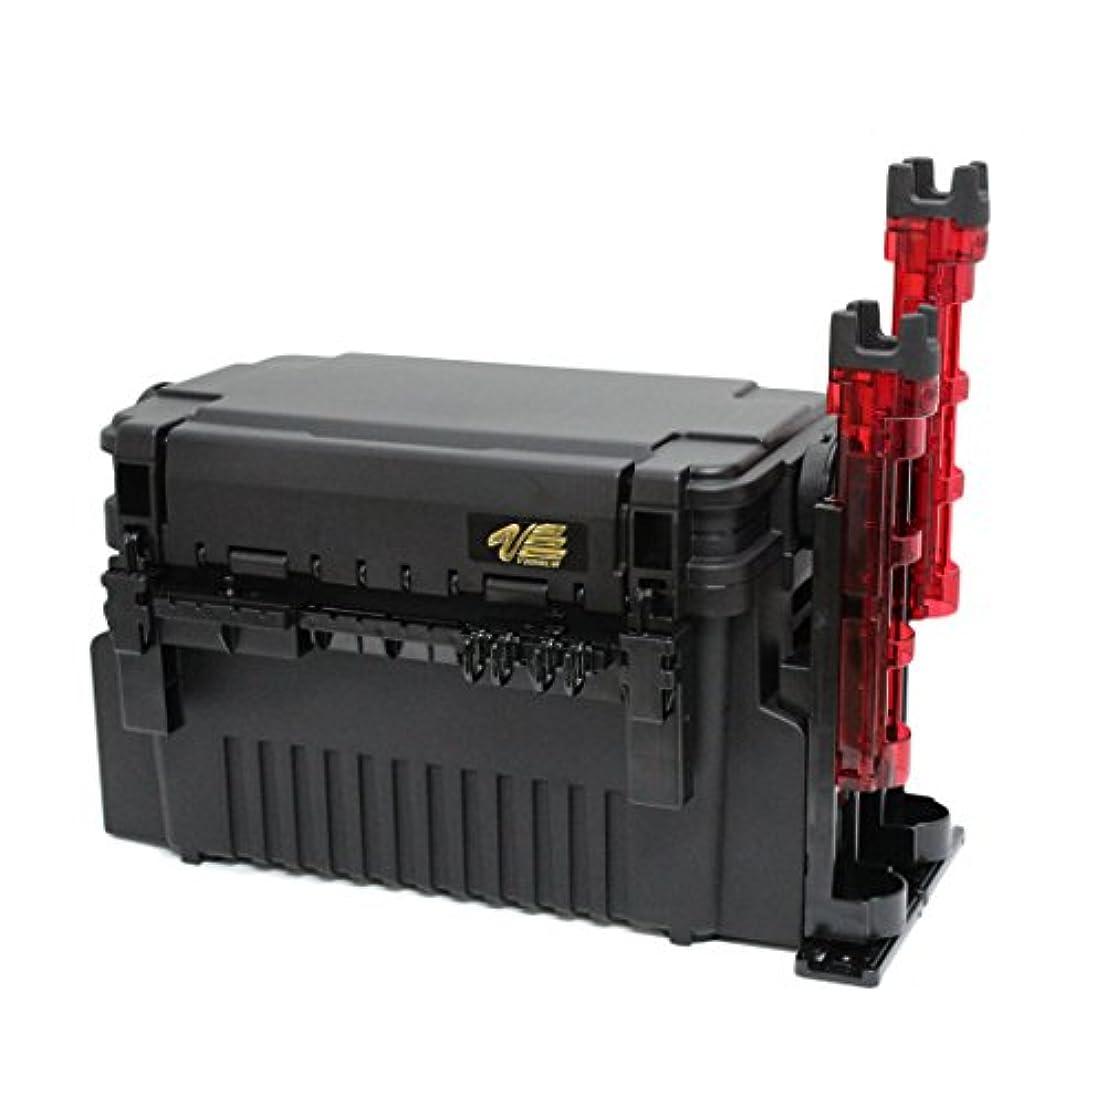 酸化する同情的ありそうMEIHO(メイホウ) VS7070 BM-250light(Cレッド)×2 マルチハンガーBM オリジナルタックルボックスセット